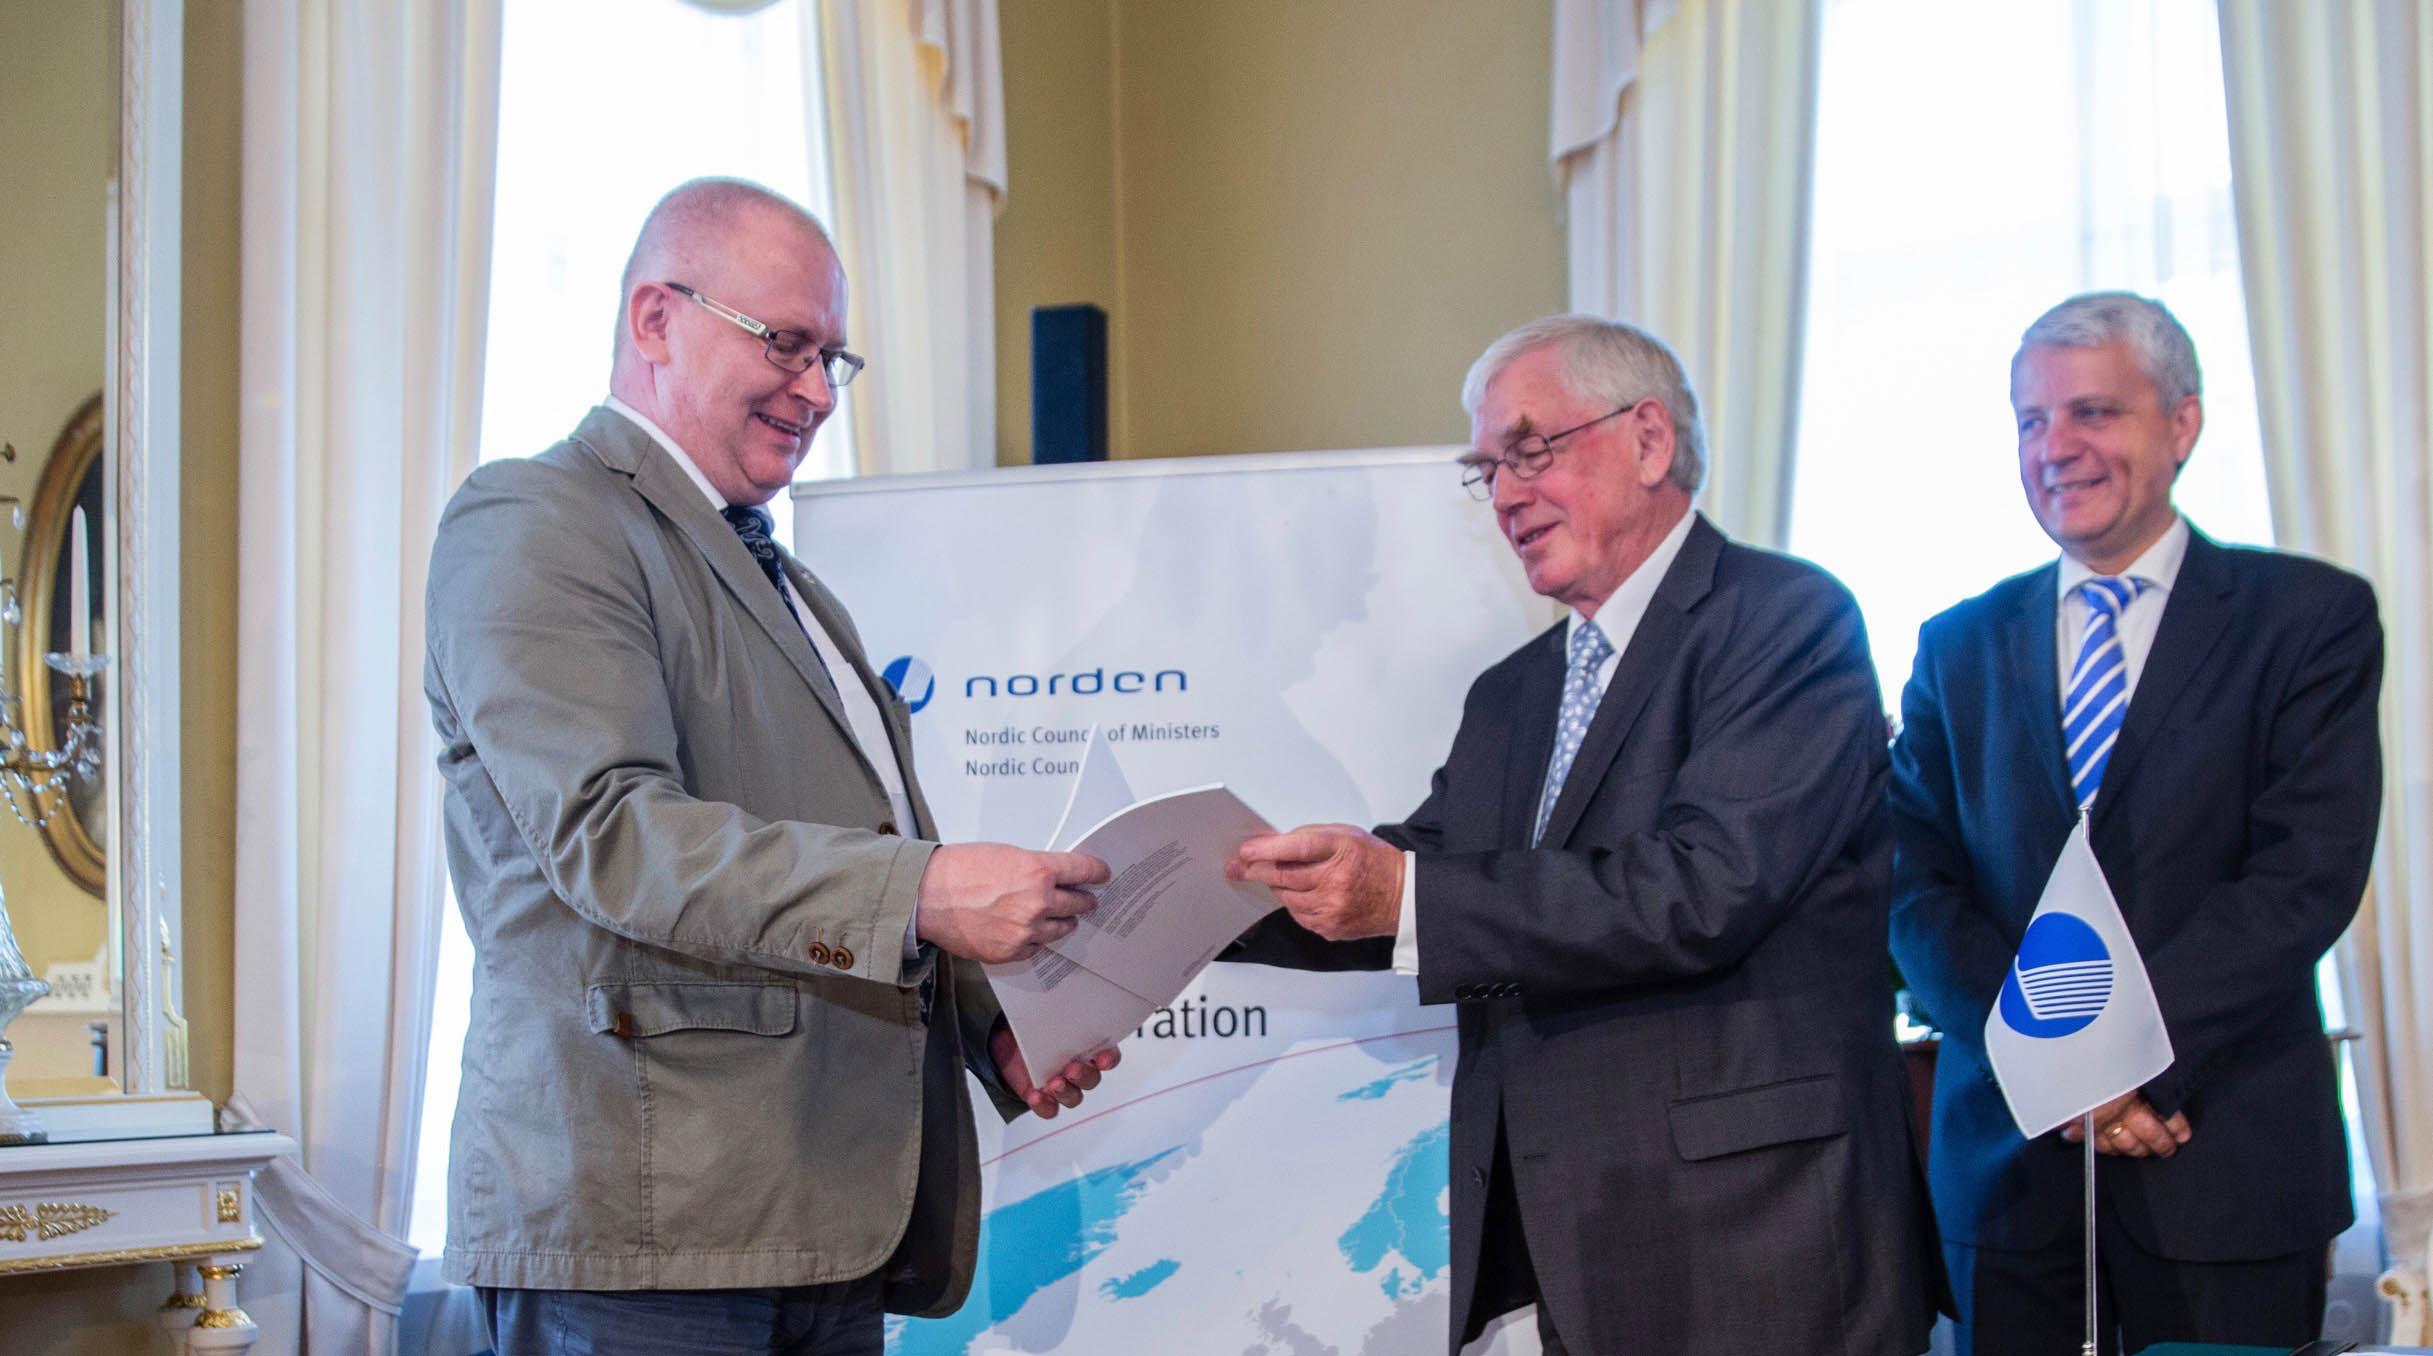 Tidigare EU-kommissionär Poul Nielson vill ha radikala nordiska reformer